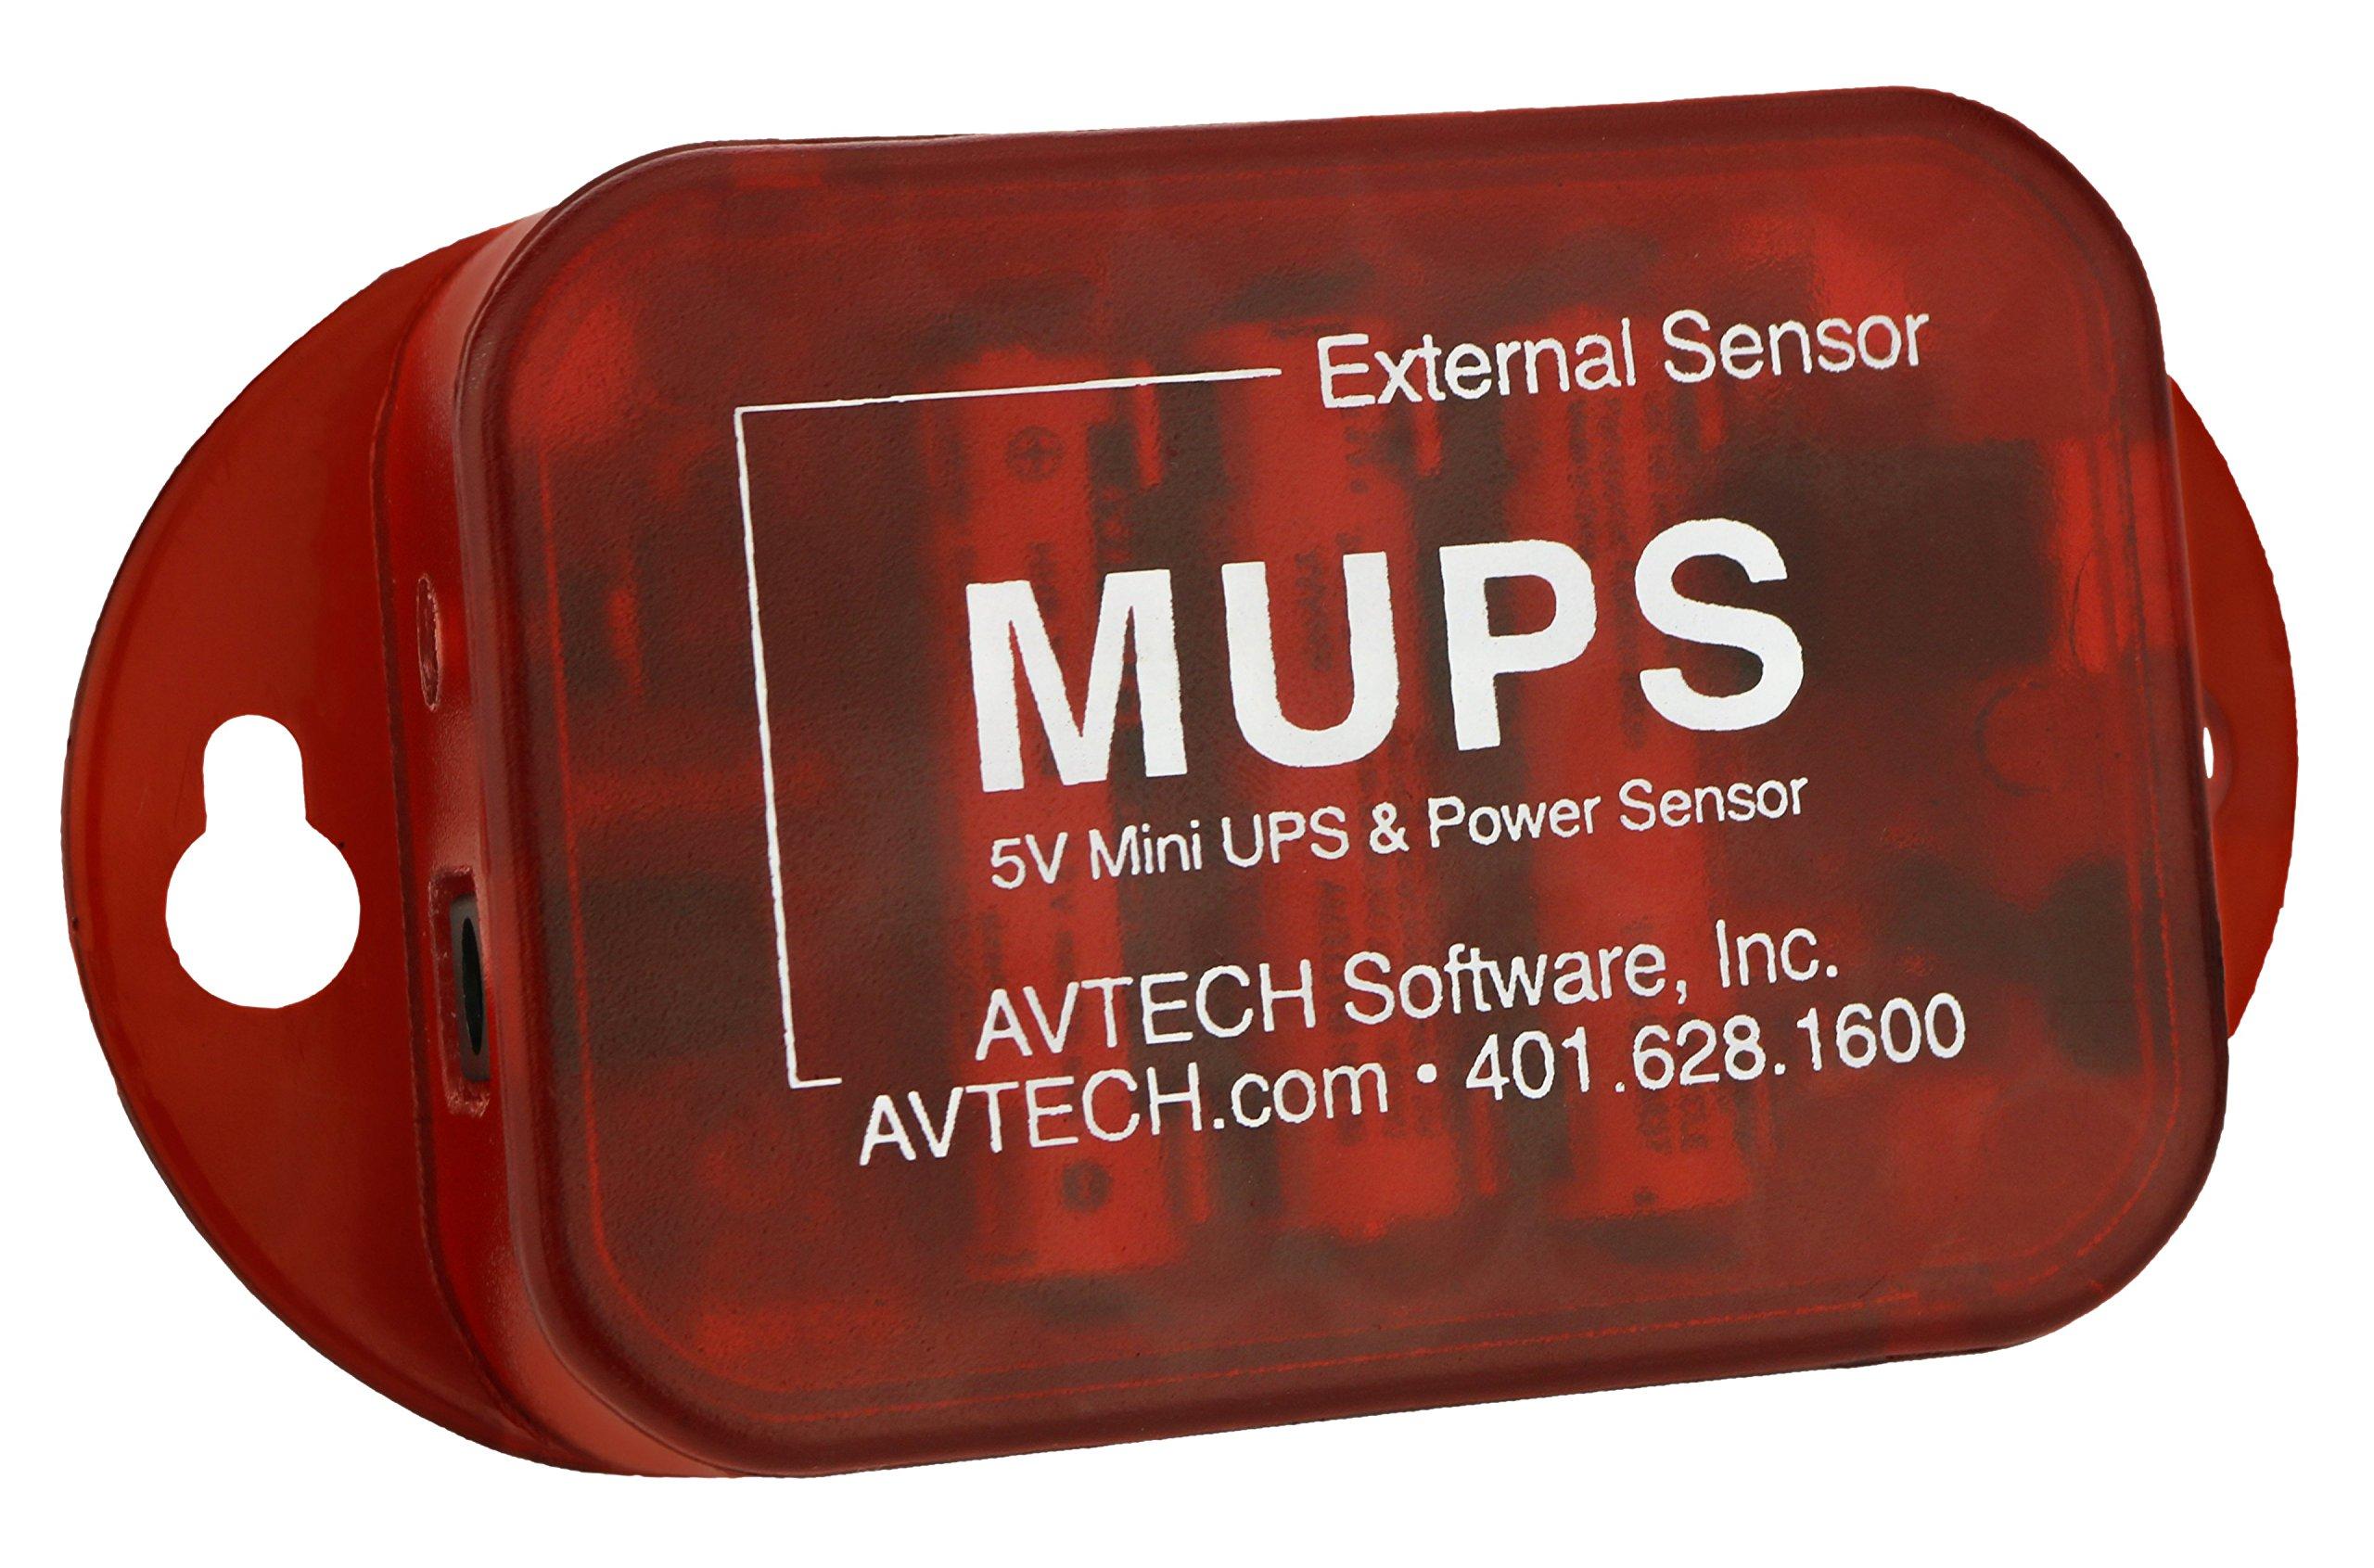 Mini UPS & Power Sensor